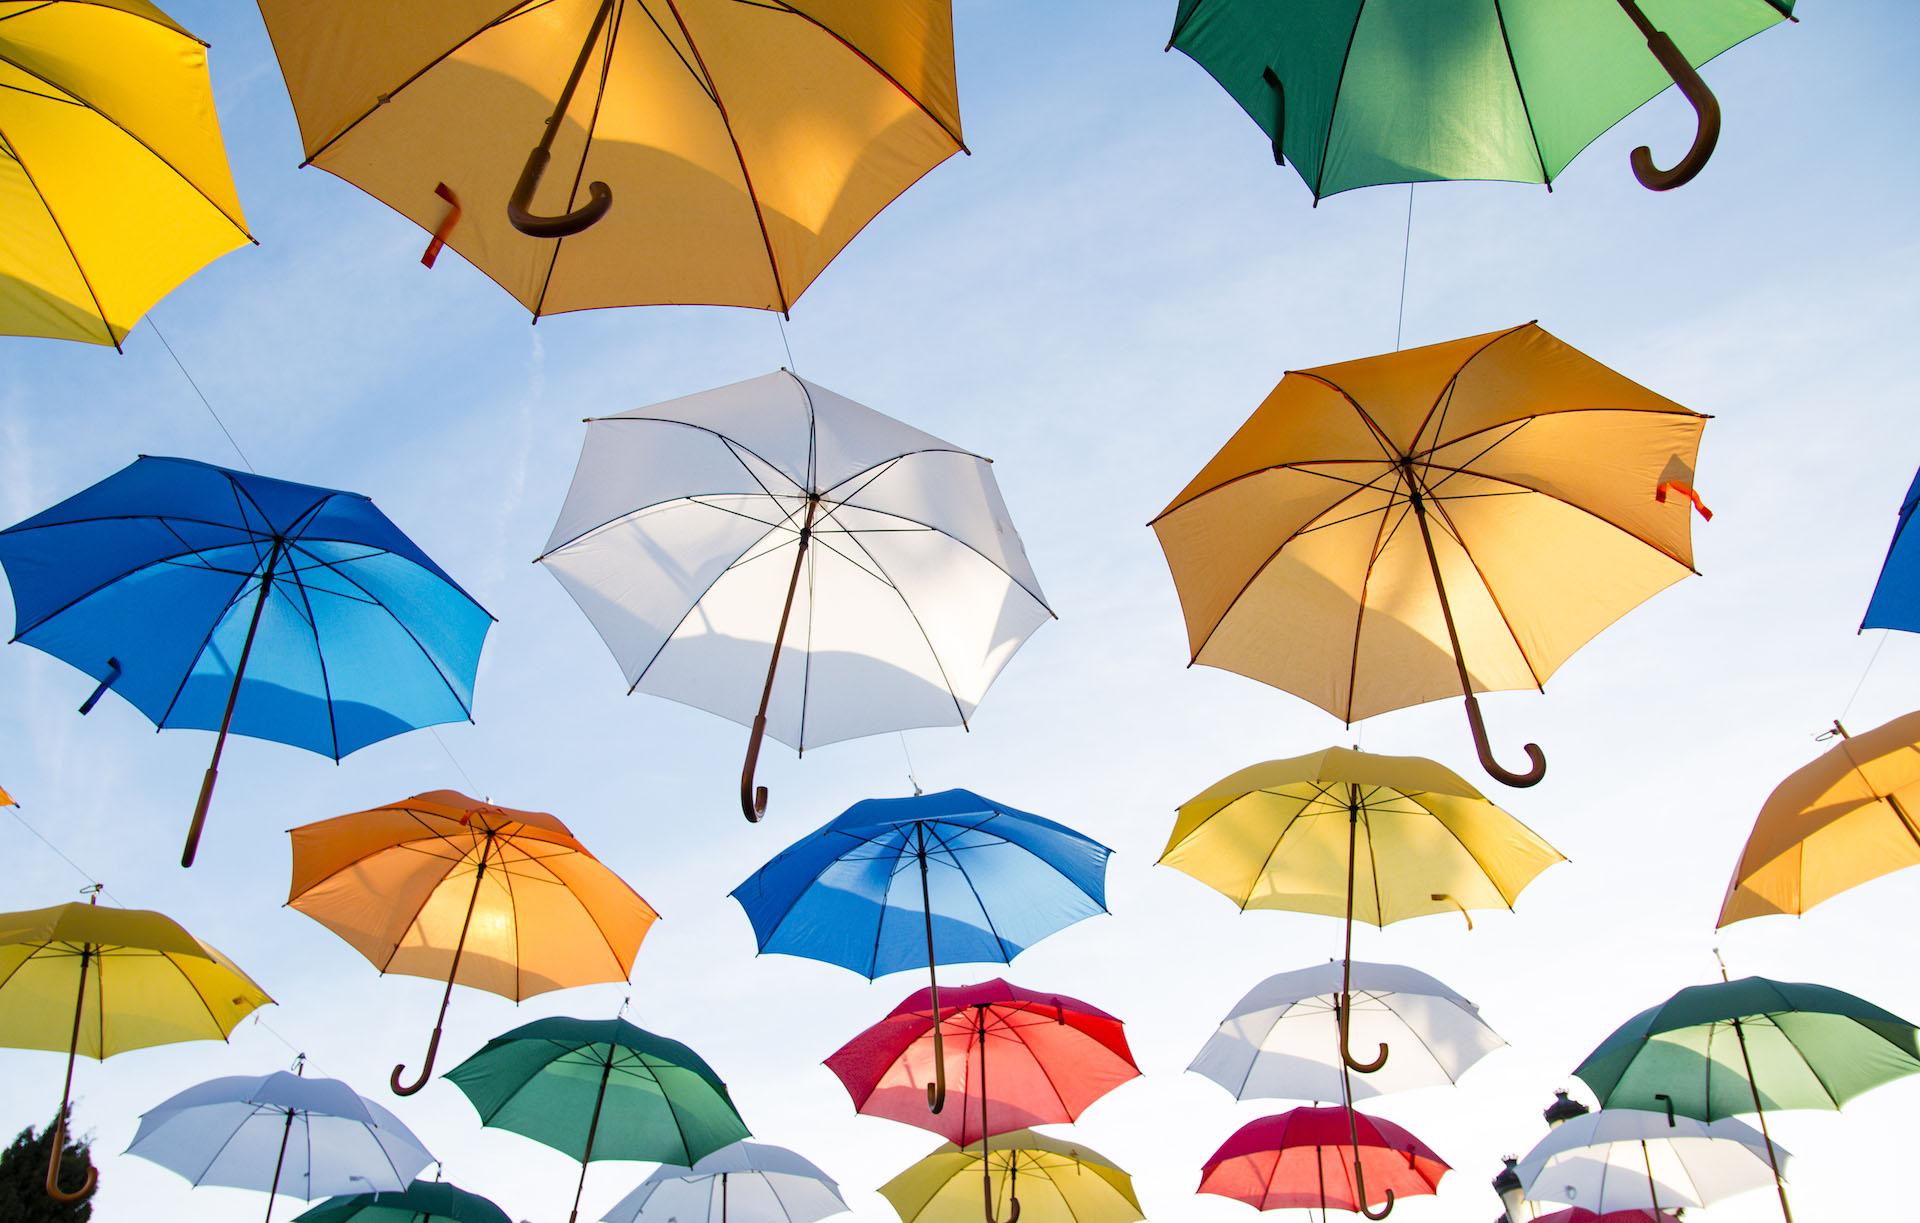 ομπρέλα, χρώματα, Ουρανός, μύγα, τέχνη - Wallpapers HD - Professor-falken.com